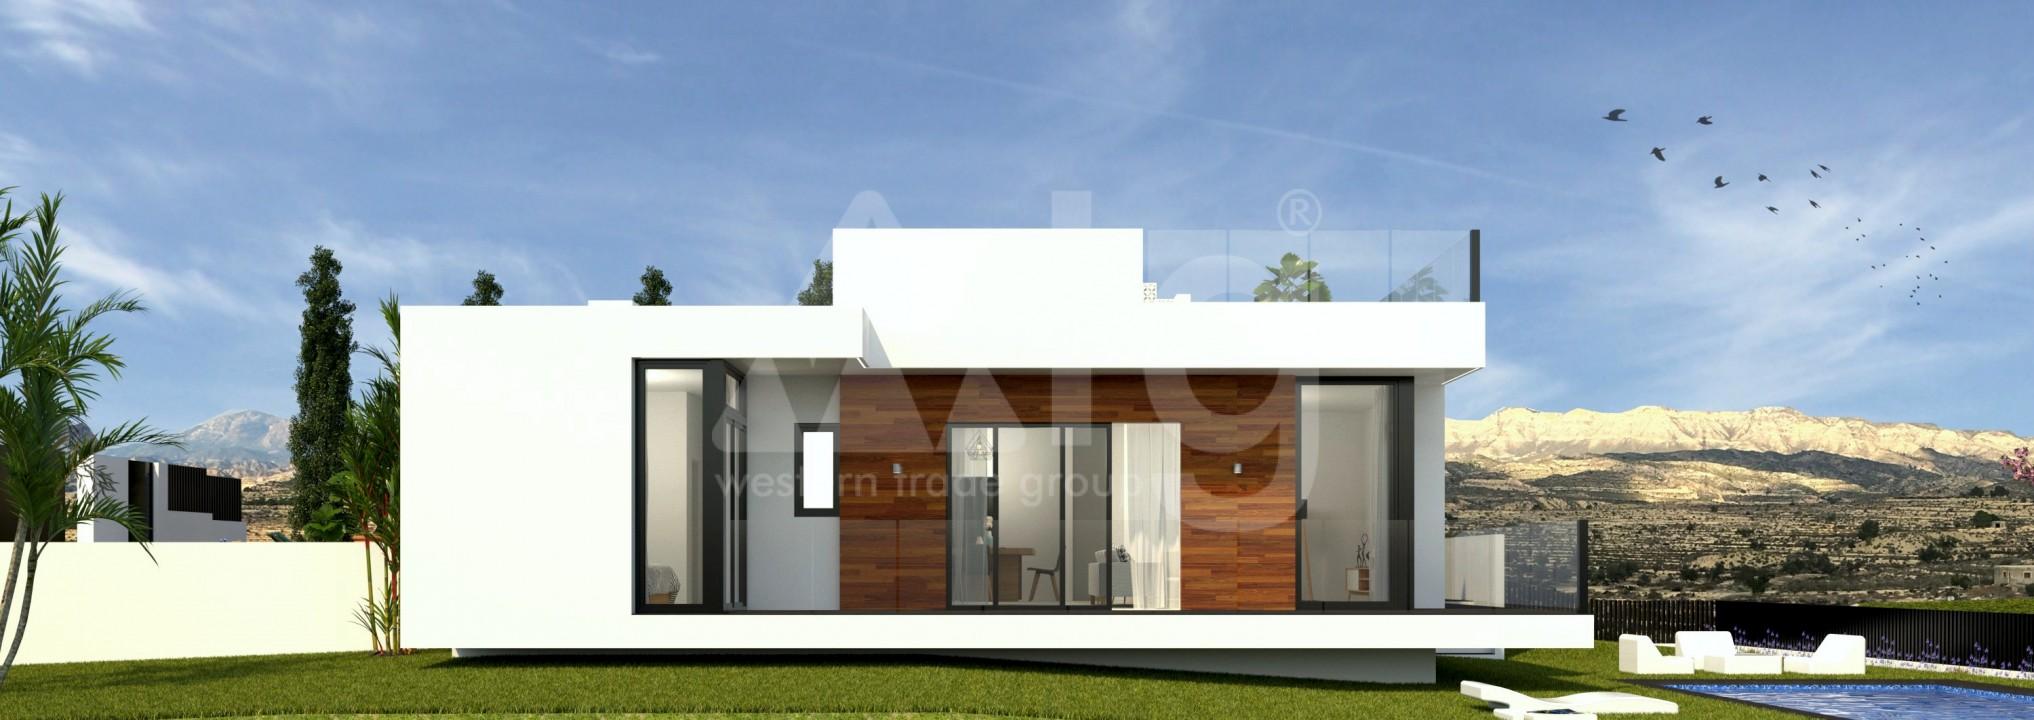 3 bedroom Villa in Busot  - IHA118872 - 6